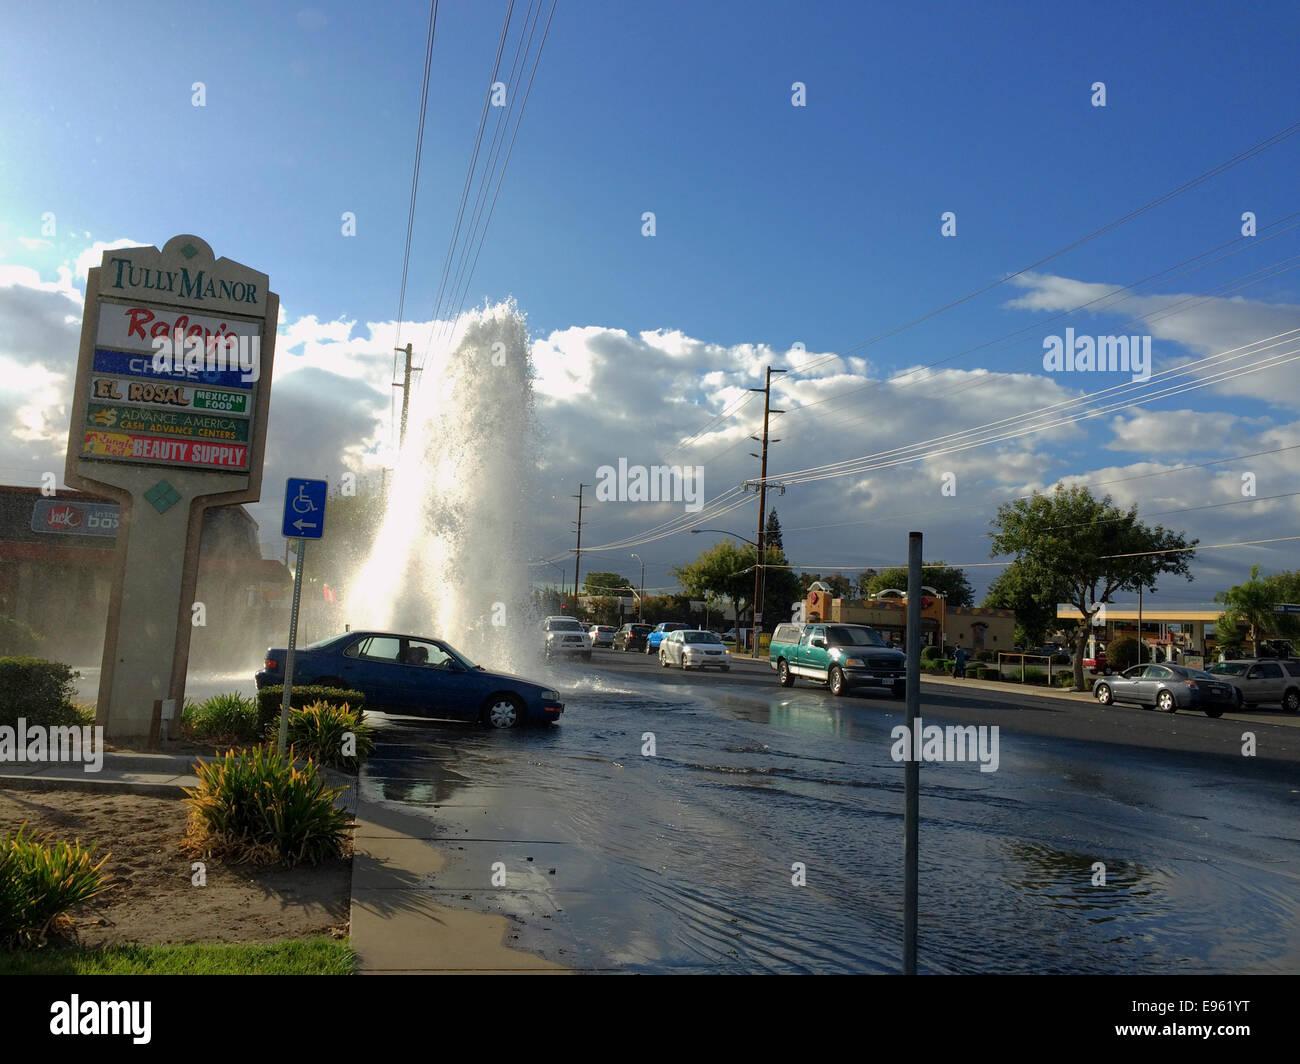 Modesto, Stanislaus county, California, USA  October 20, 2014  A